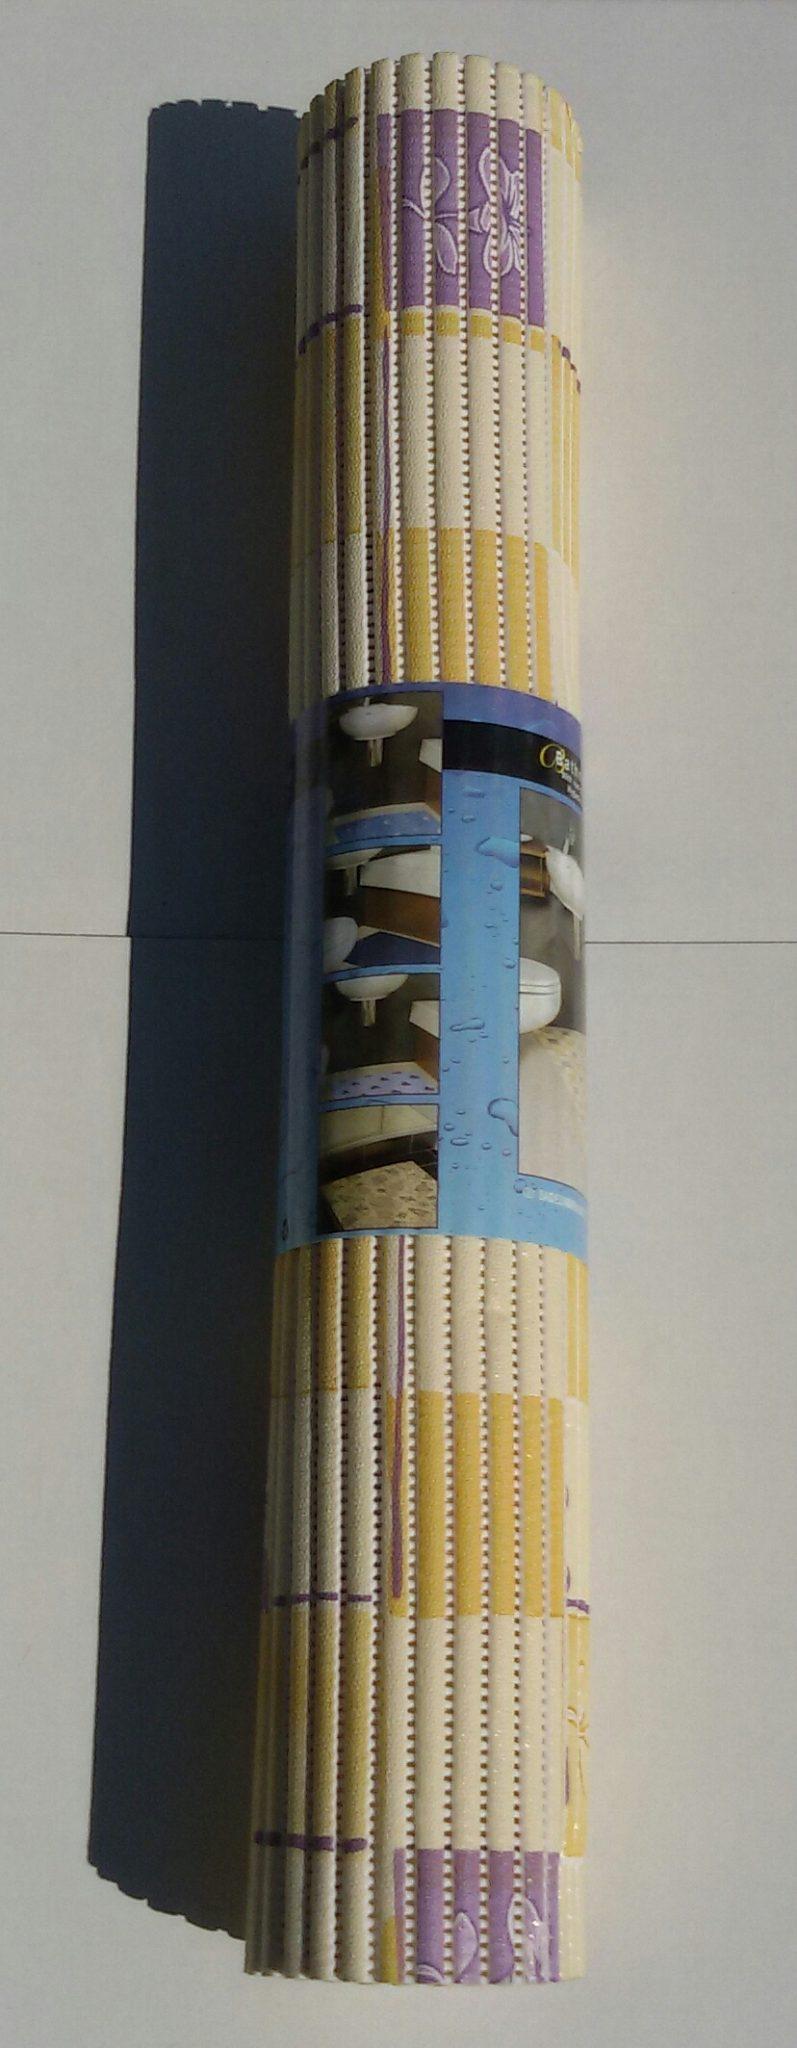 Badkamermat 65x180cmbadkamer accessoires badkamer artikelen for Badkamer artikelen